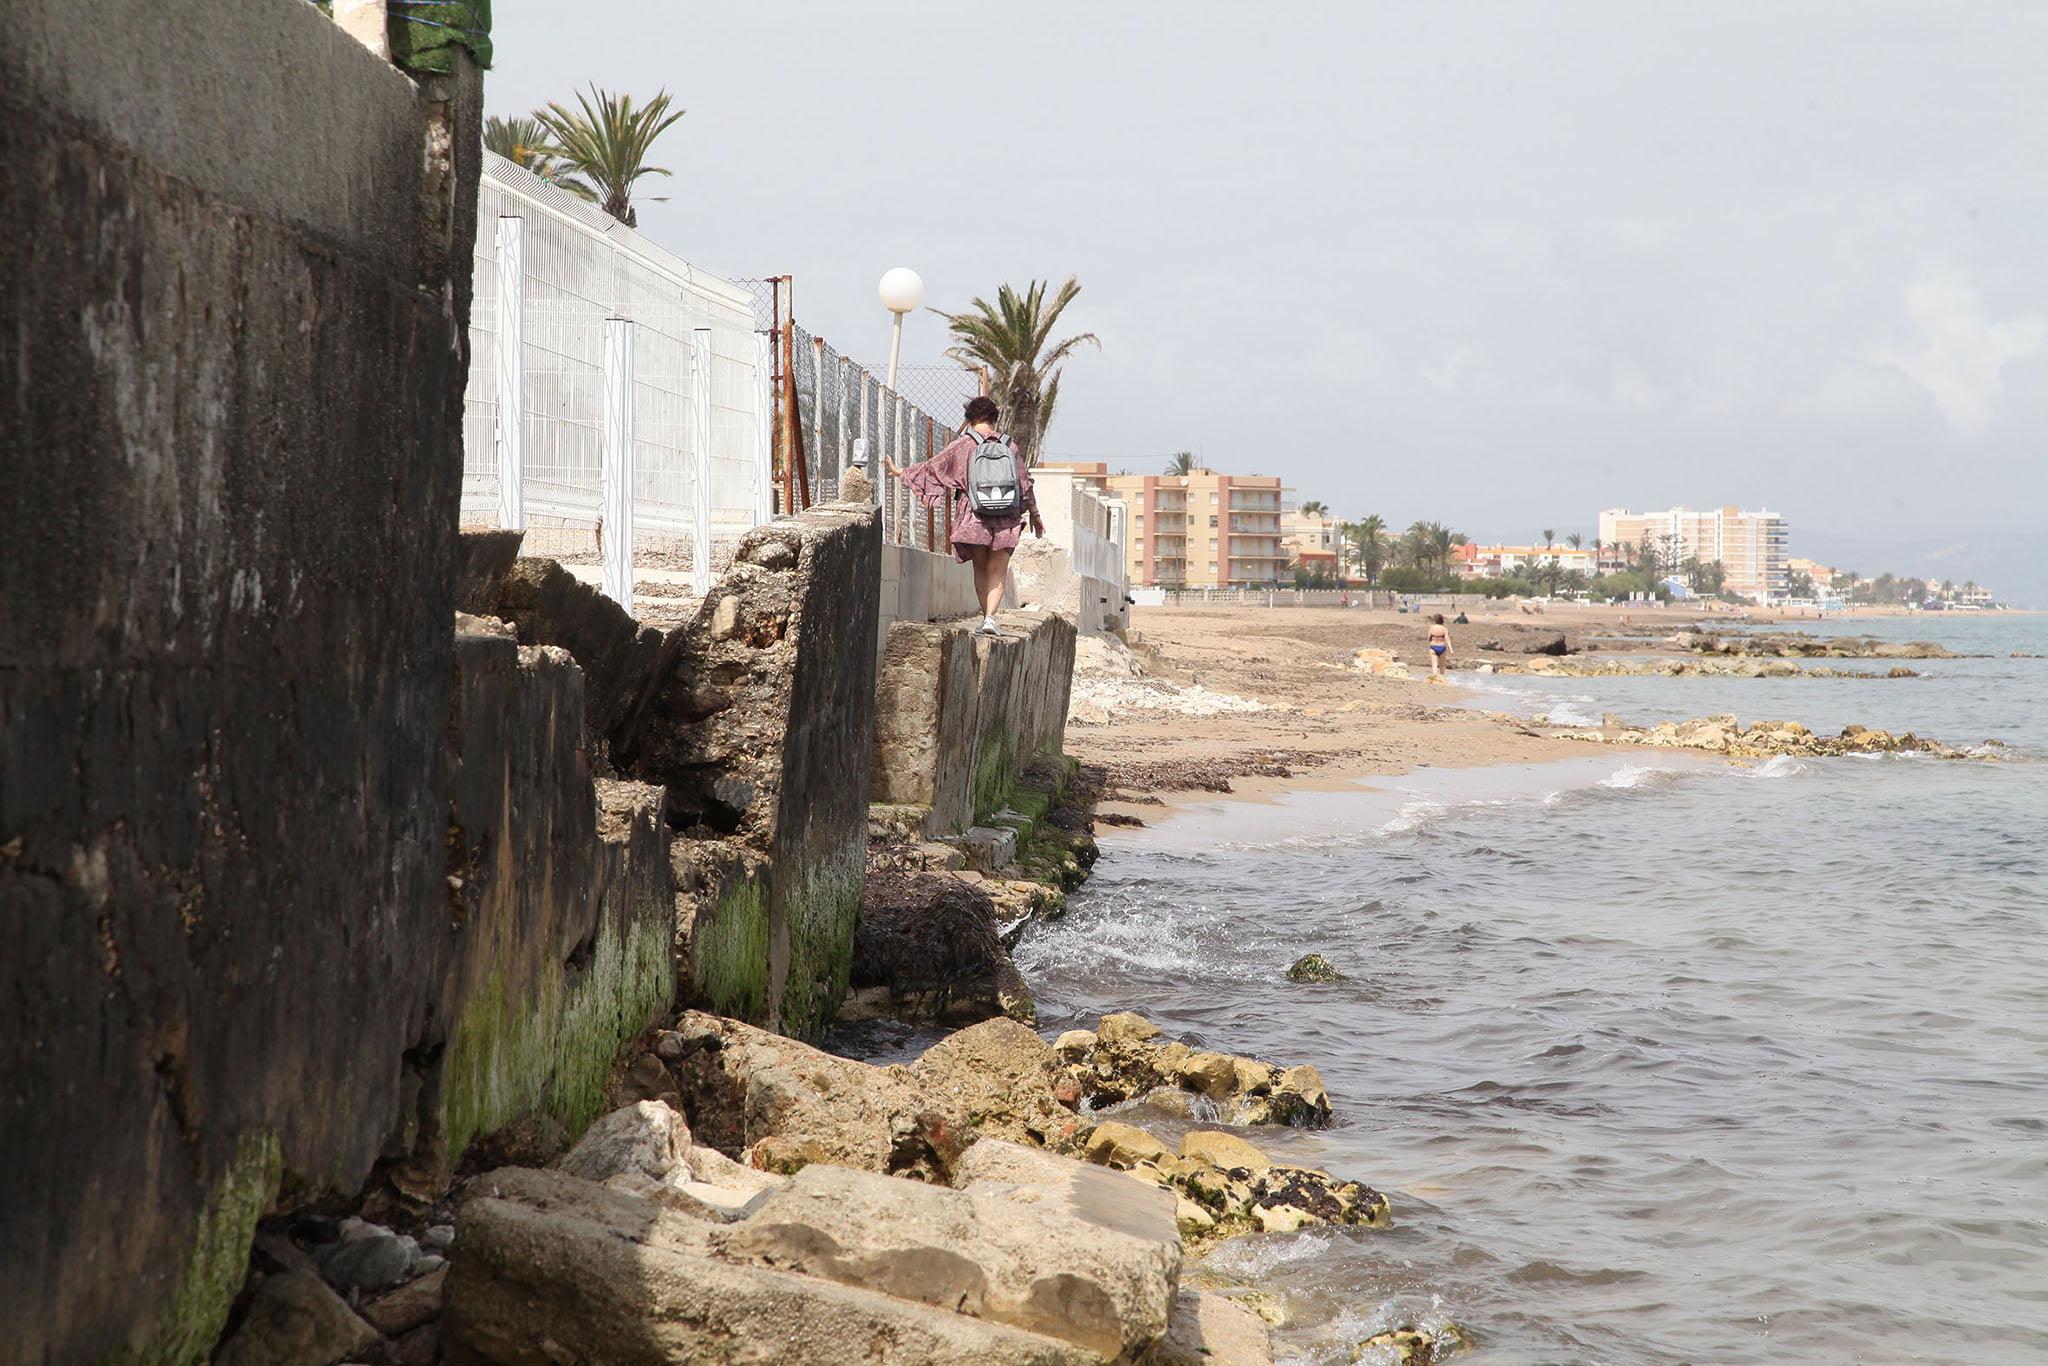 Bañista intentando pasear por la orilla